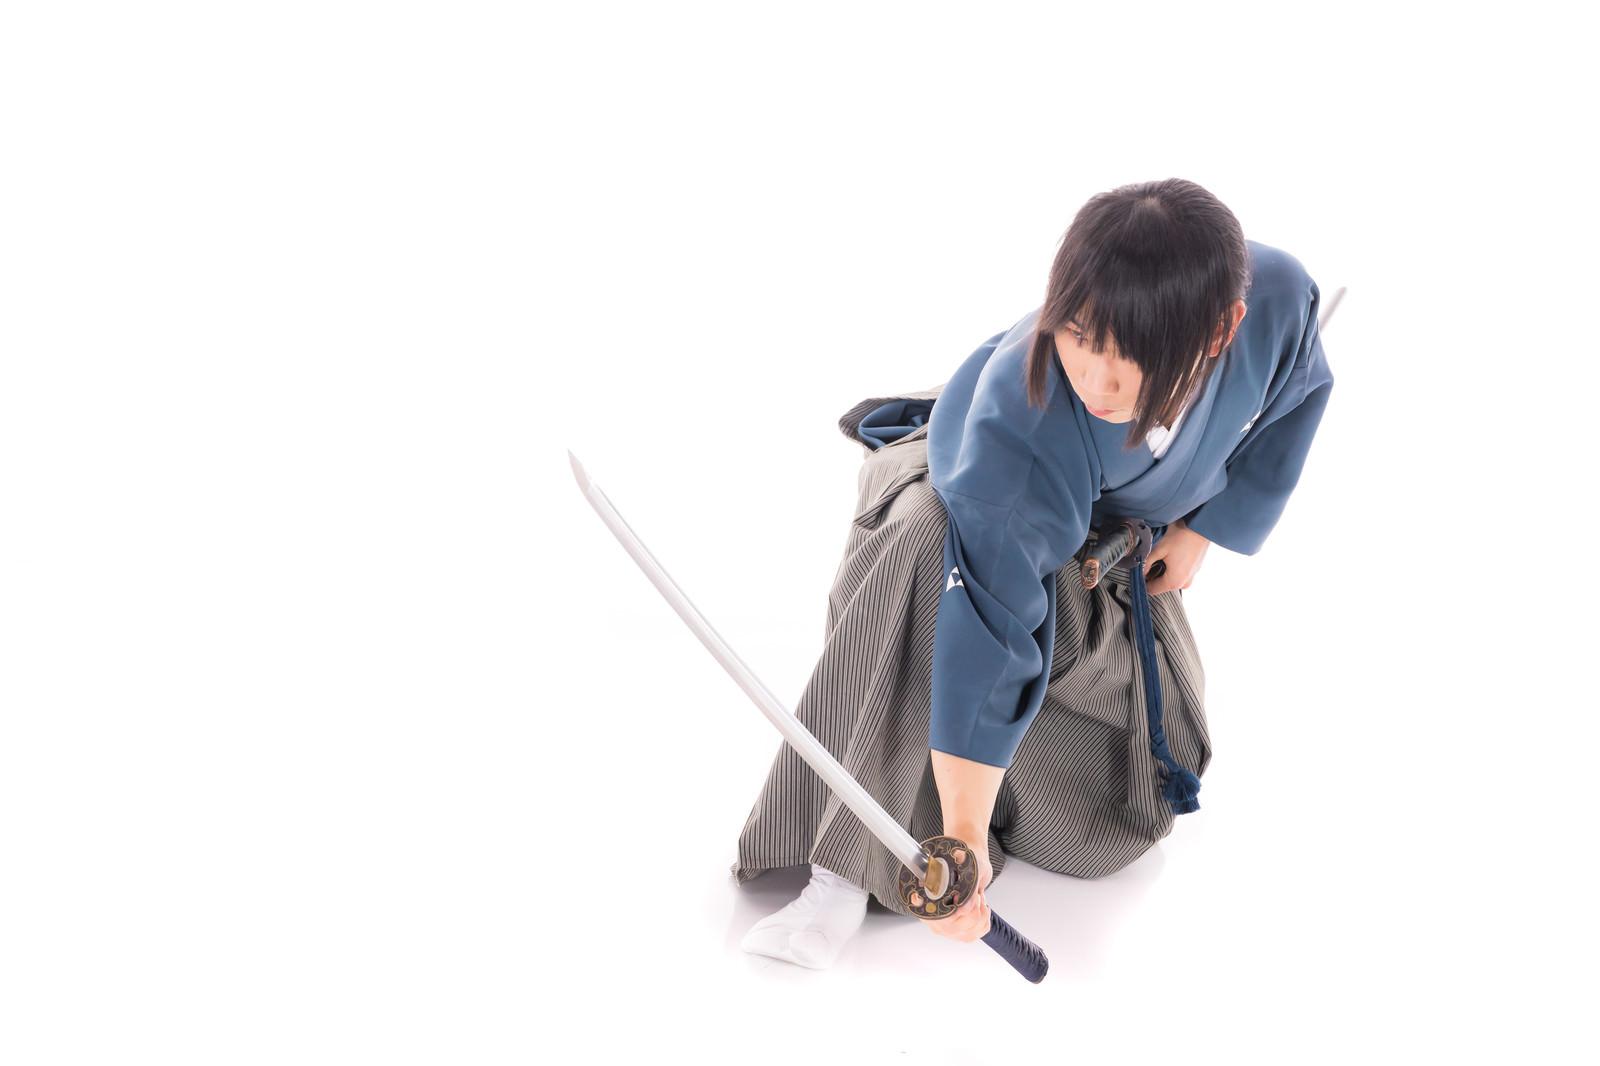 「座った状態から刀を抜く」の写真[モデル:まーこ]